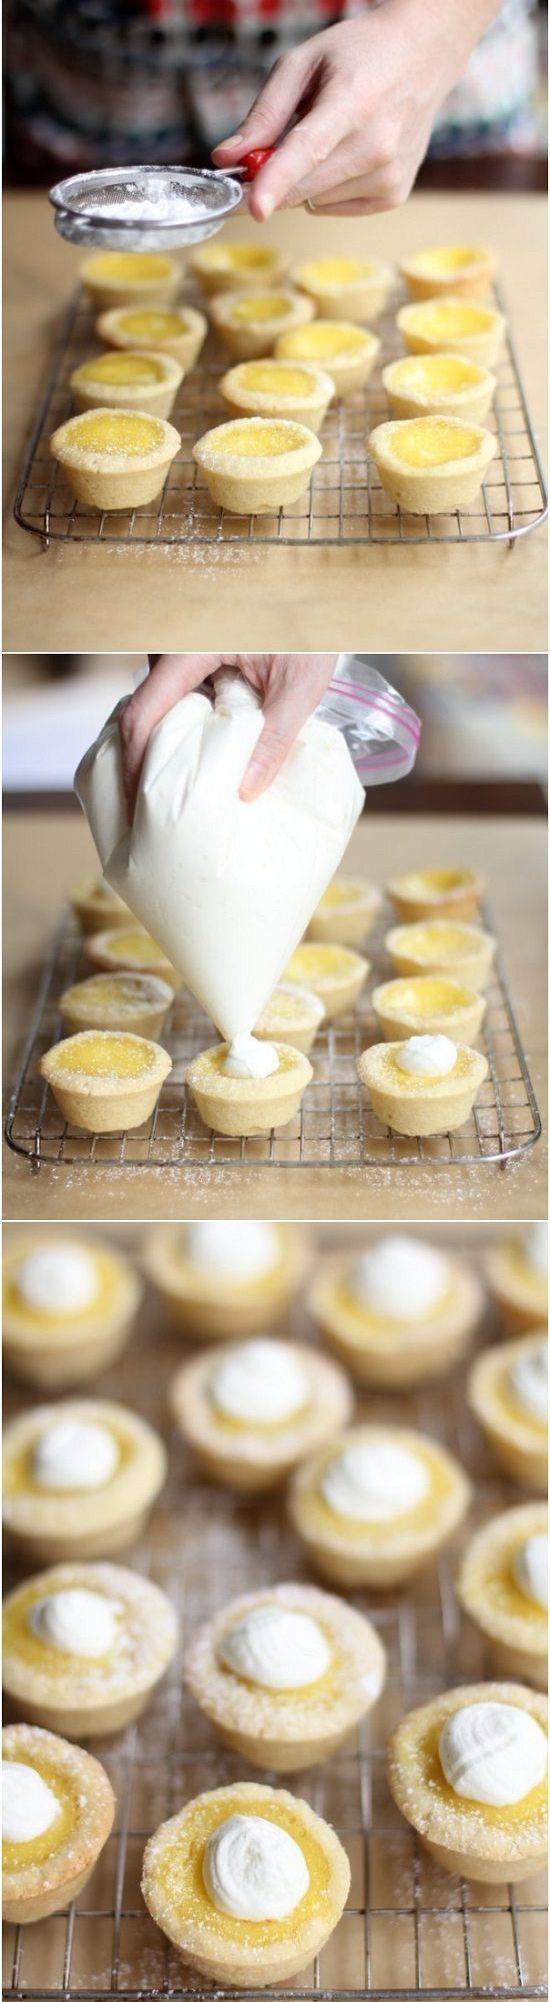 La galleta de azúcar de limón Tartas | No hay costras melindrosos necesarios para estas tartas. Utilice una sencilla masa de galletas para la corteza y lo rellenamos con un relleno de limón perfectamente agridulce.